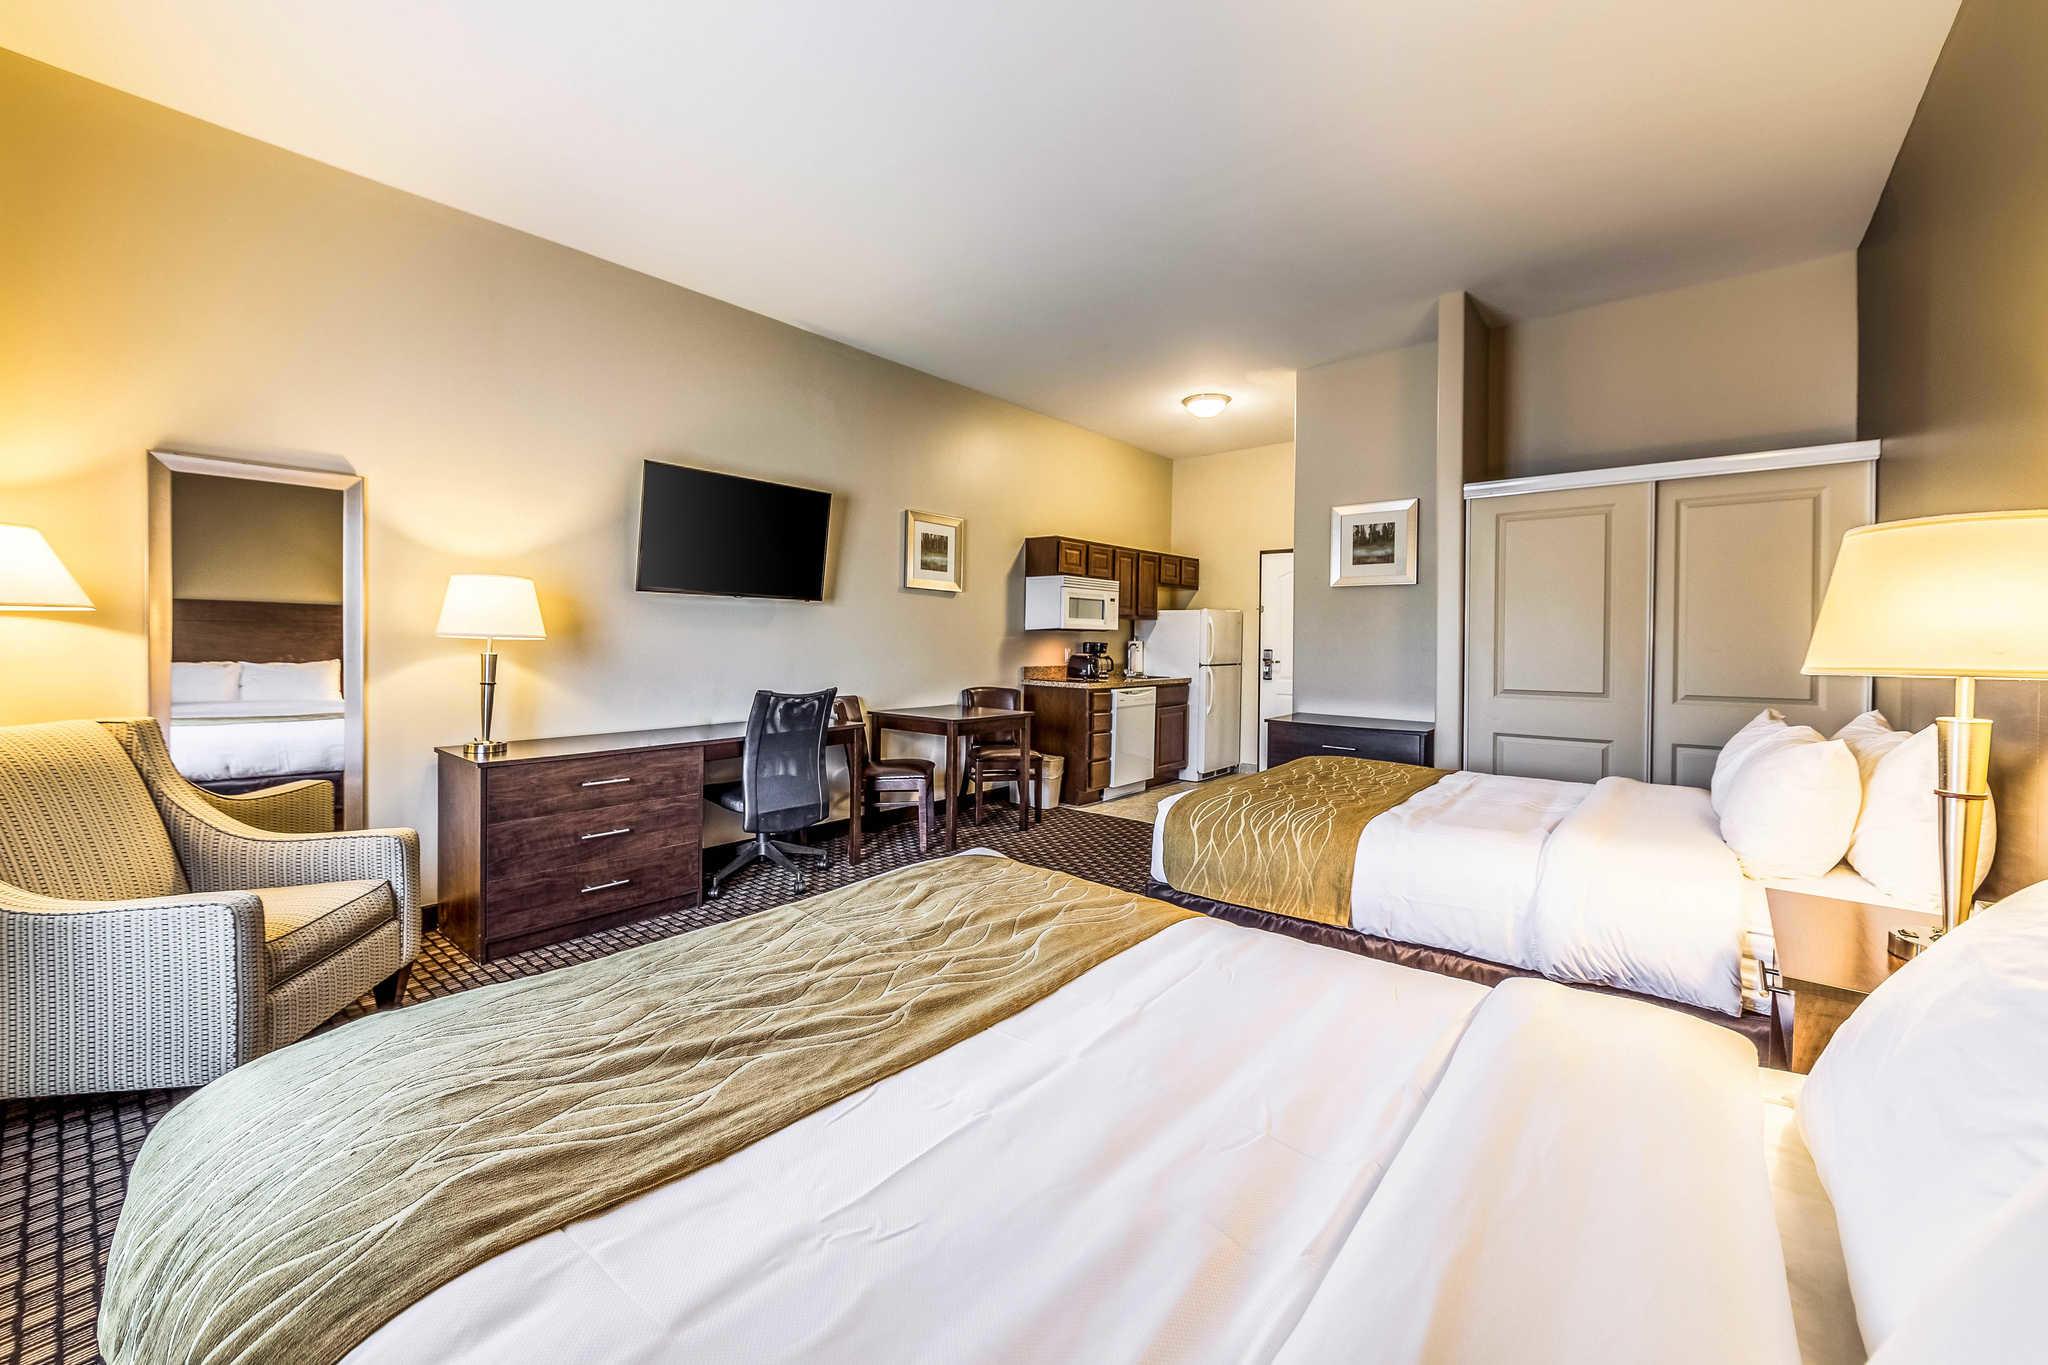 Comfort Inn & Suites Barnesville - Frackville image 9